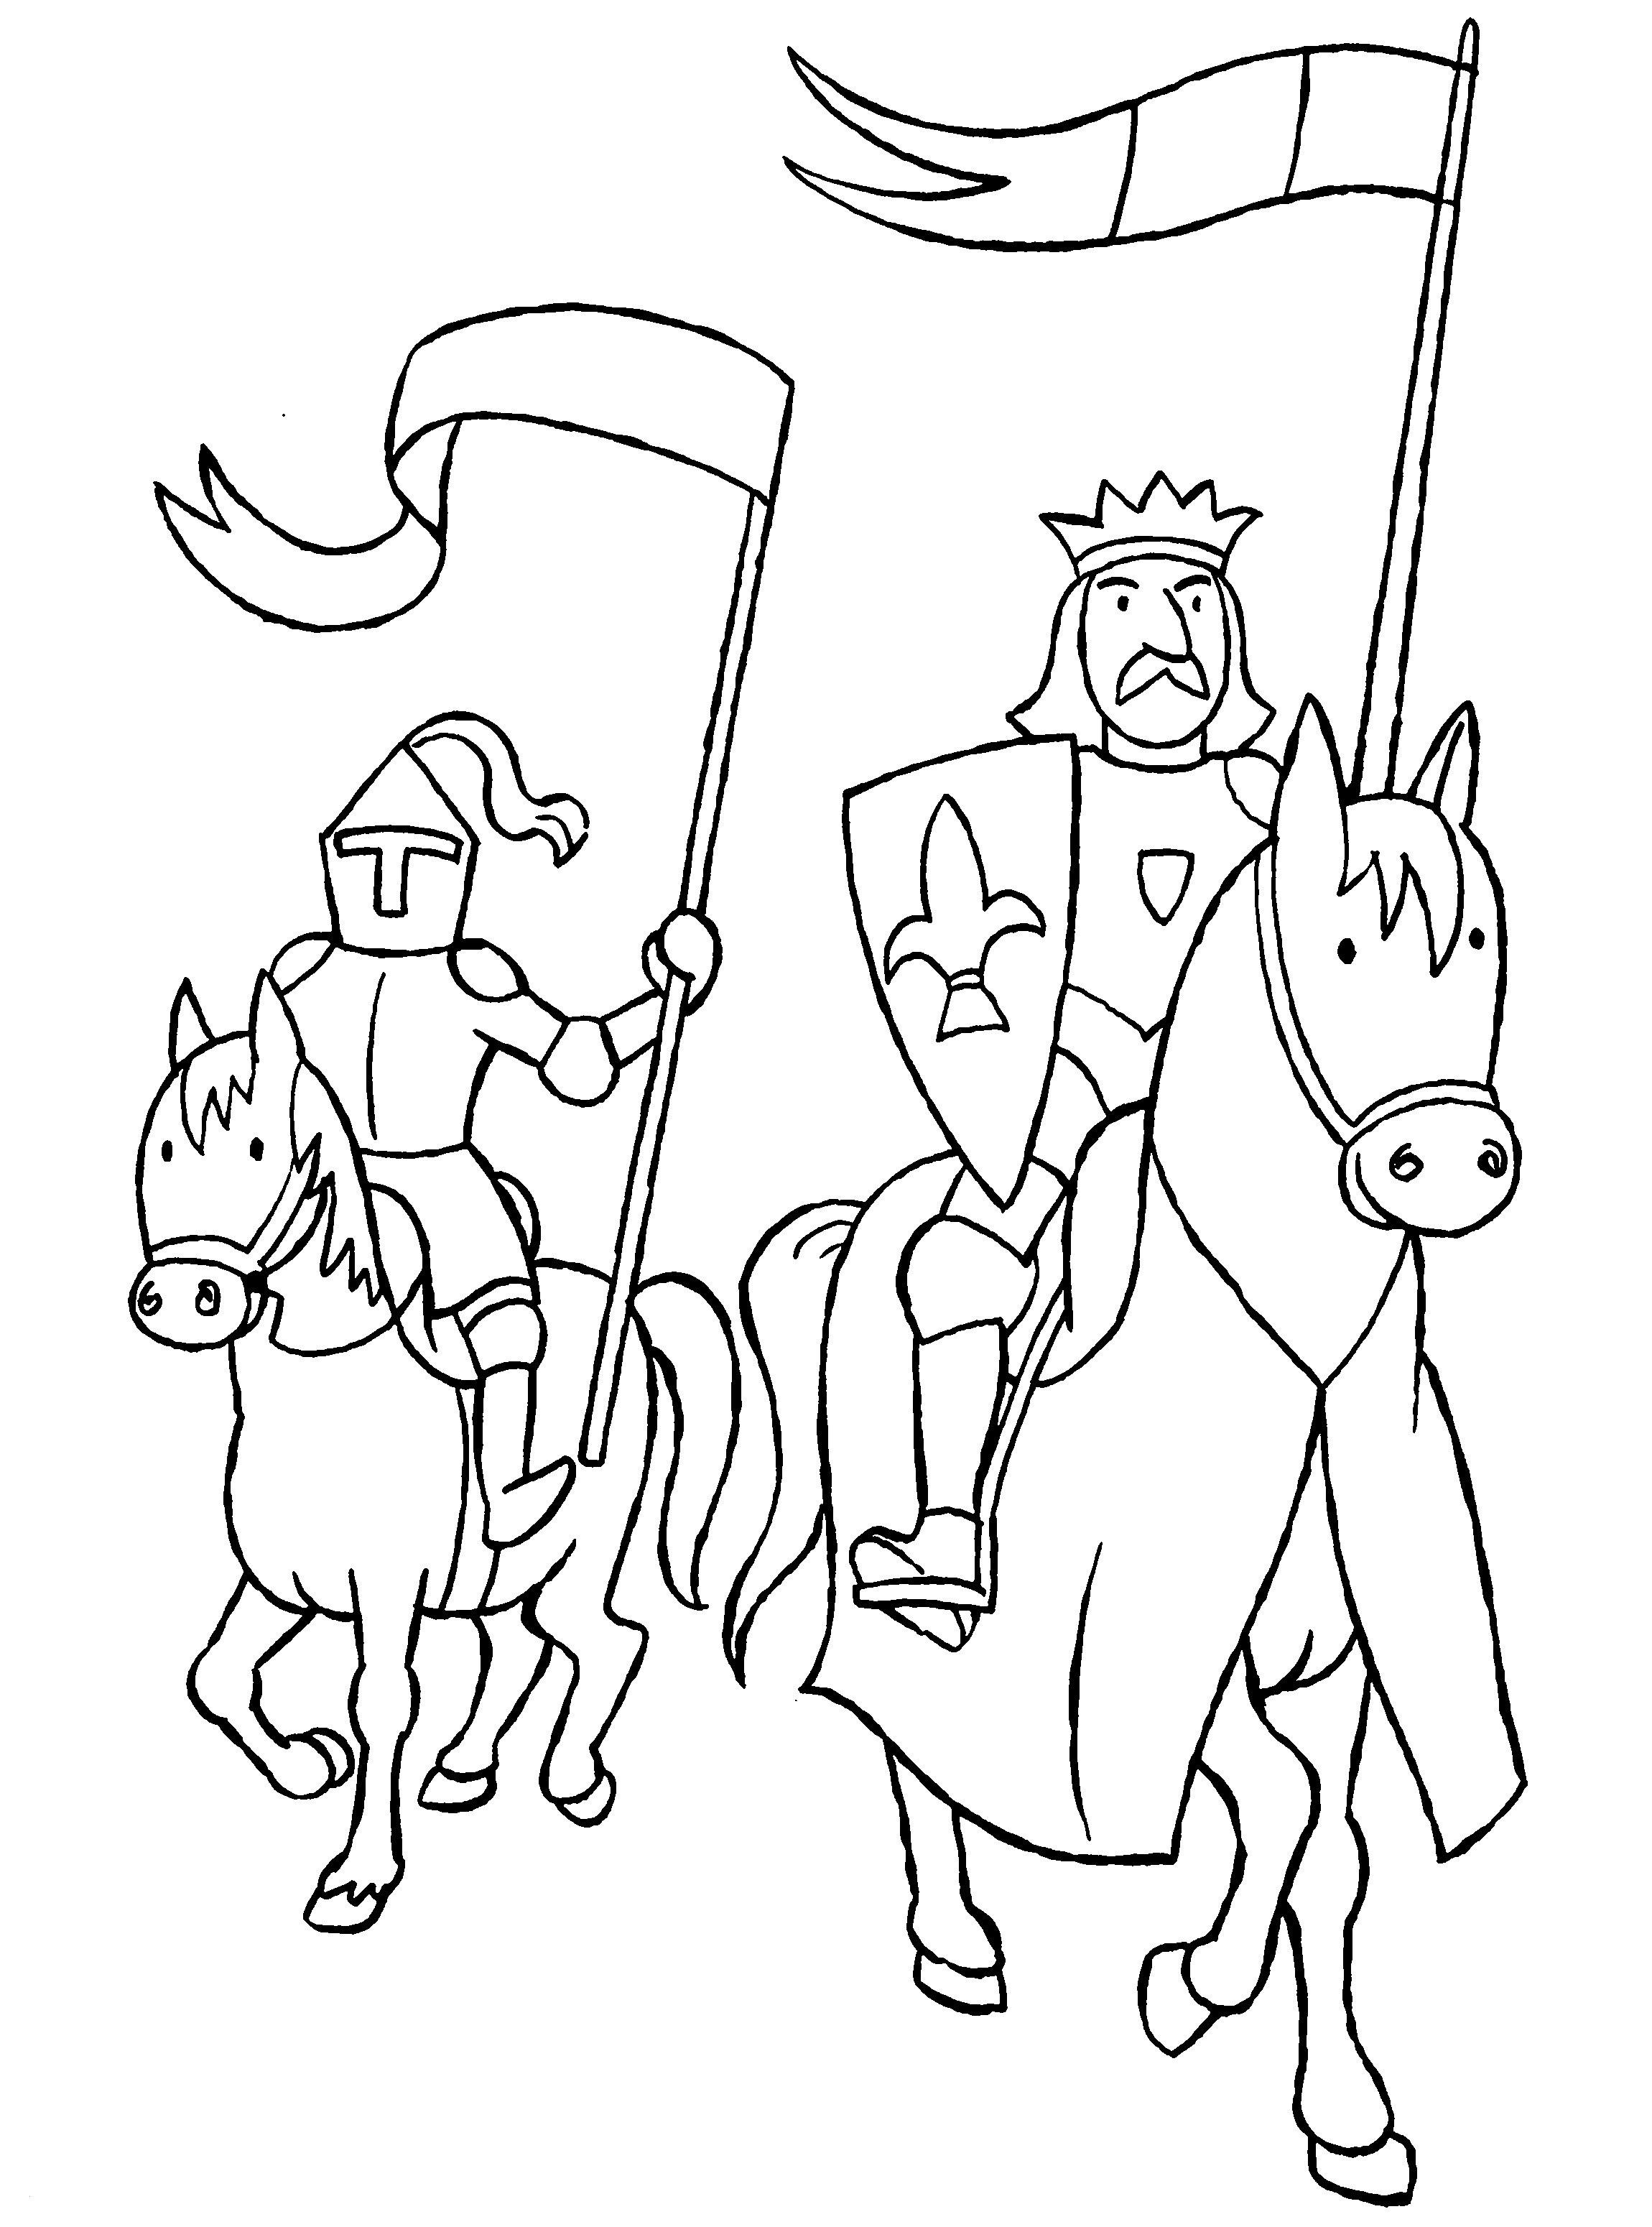 Ausmalbilder Kochen Und Backen Neu Ausmalbilder Cowboy Und Indianer Schön Ausmalbilder Ritter Kostenlos Sammlung